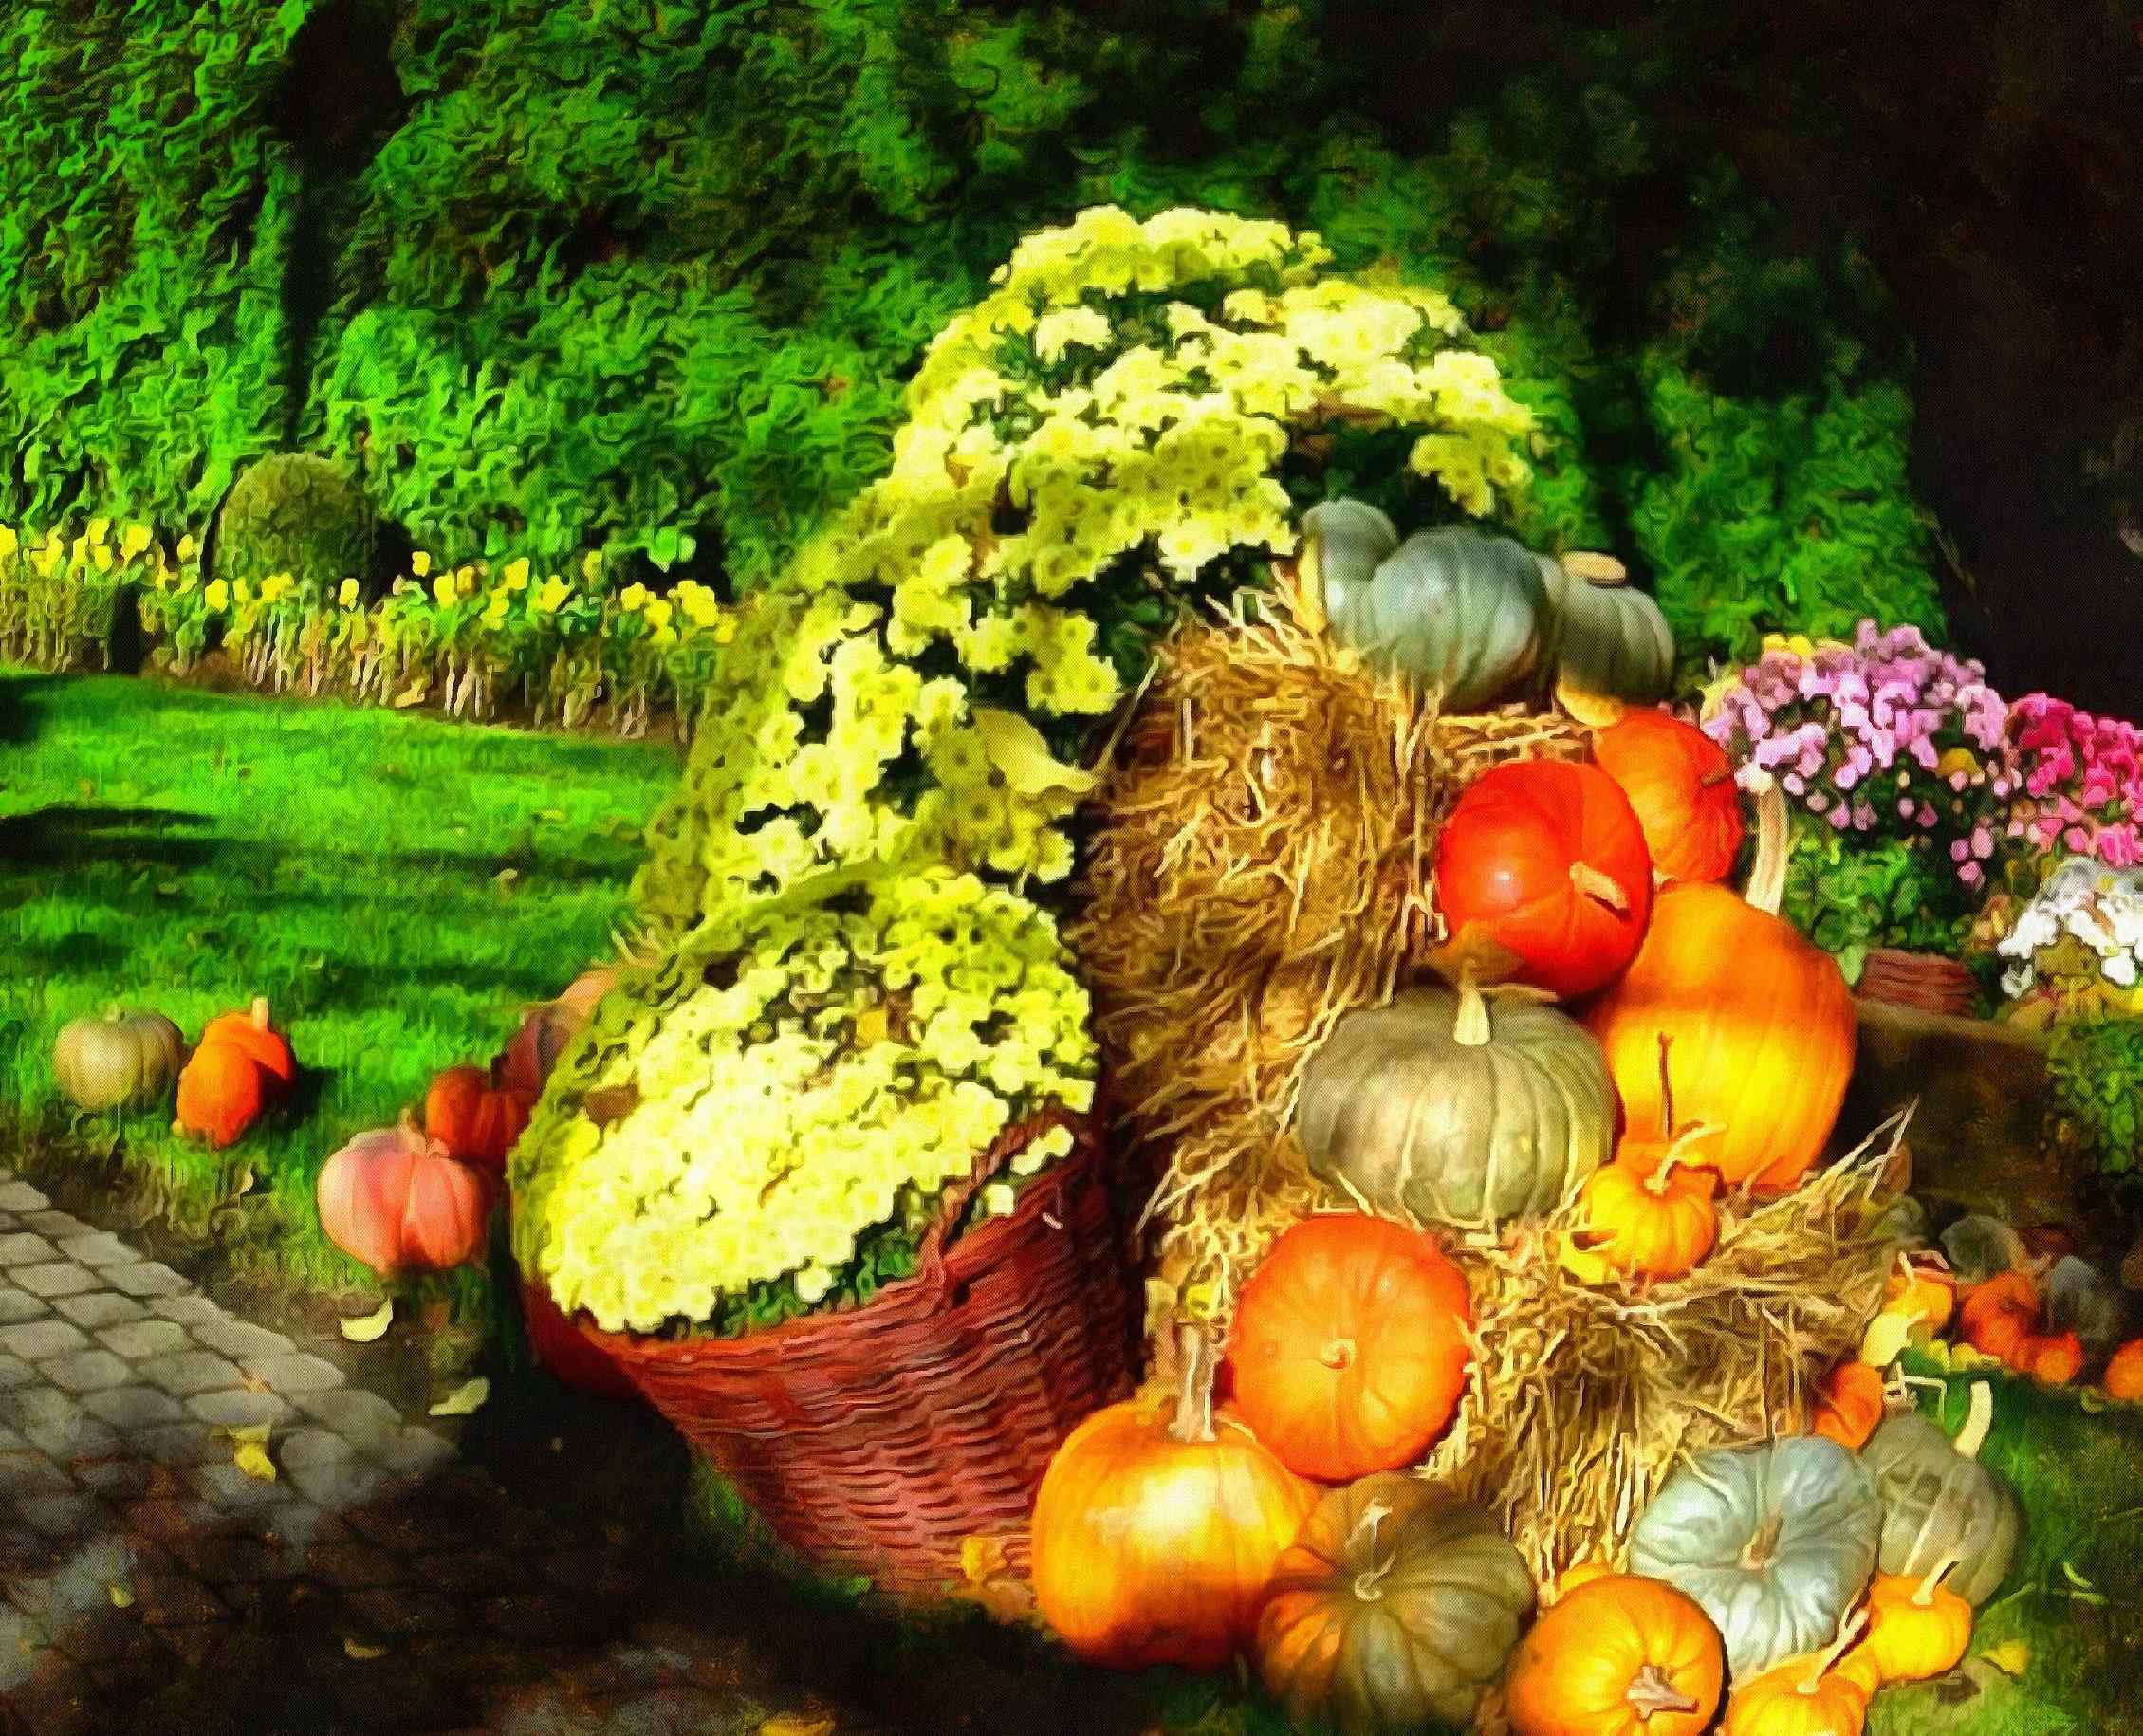 <br>flowers, pumpkins, harvest,